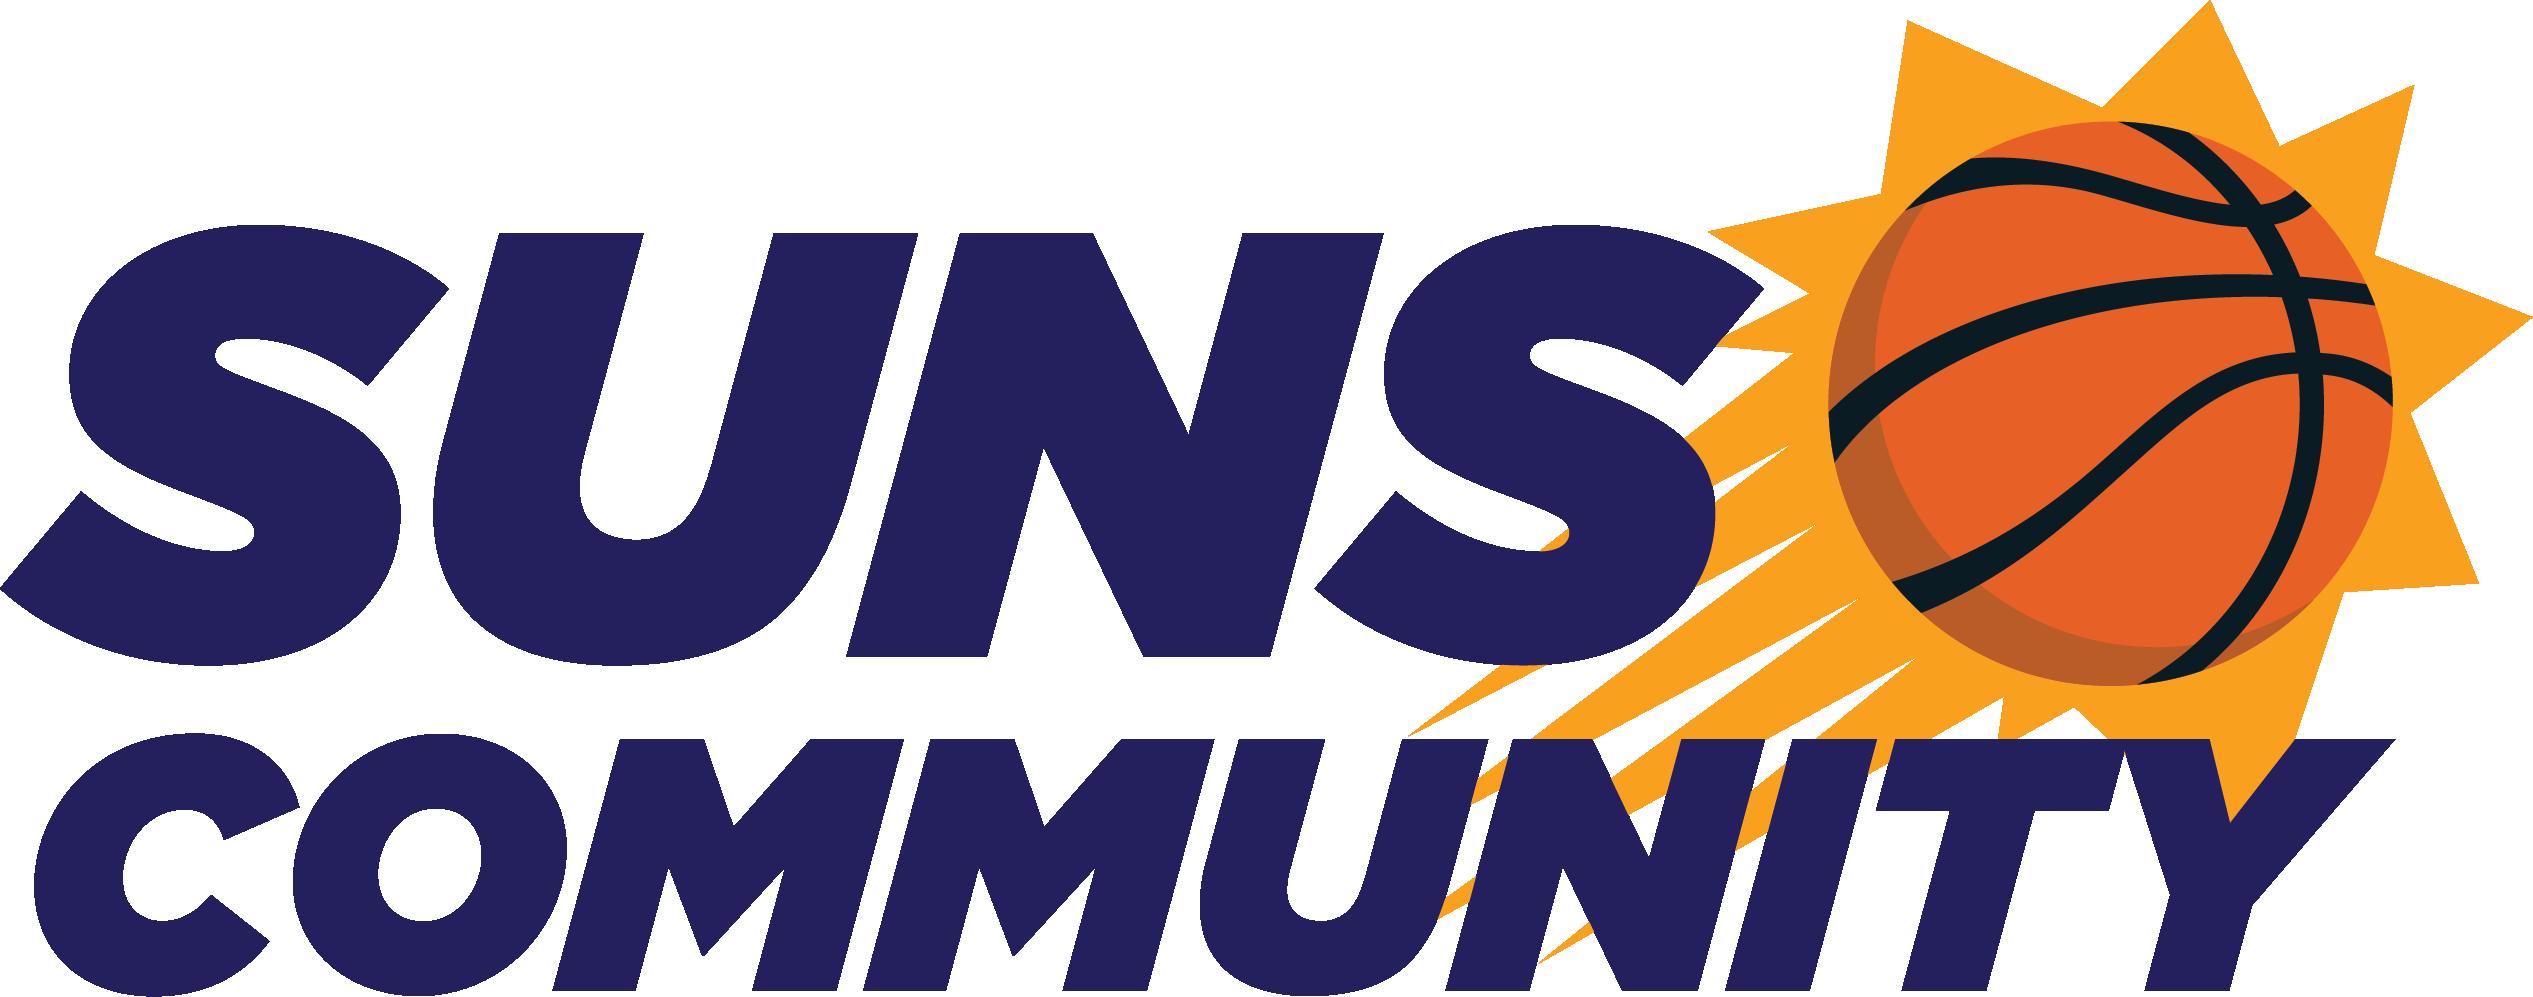 Suns Donation Request Form - DonationXchange